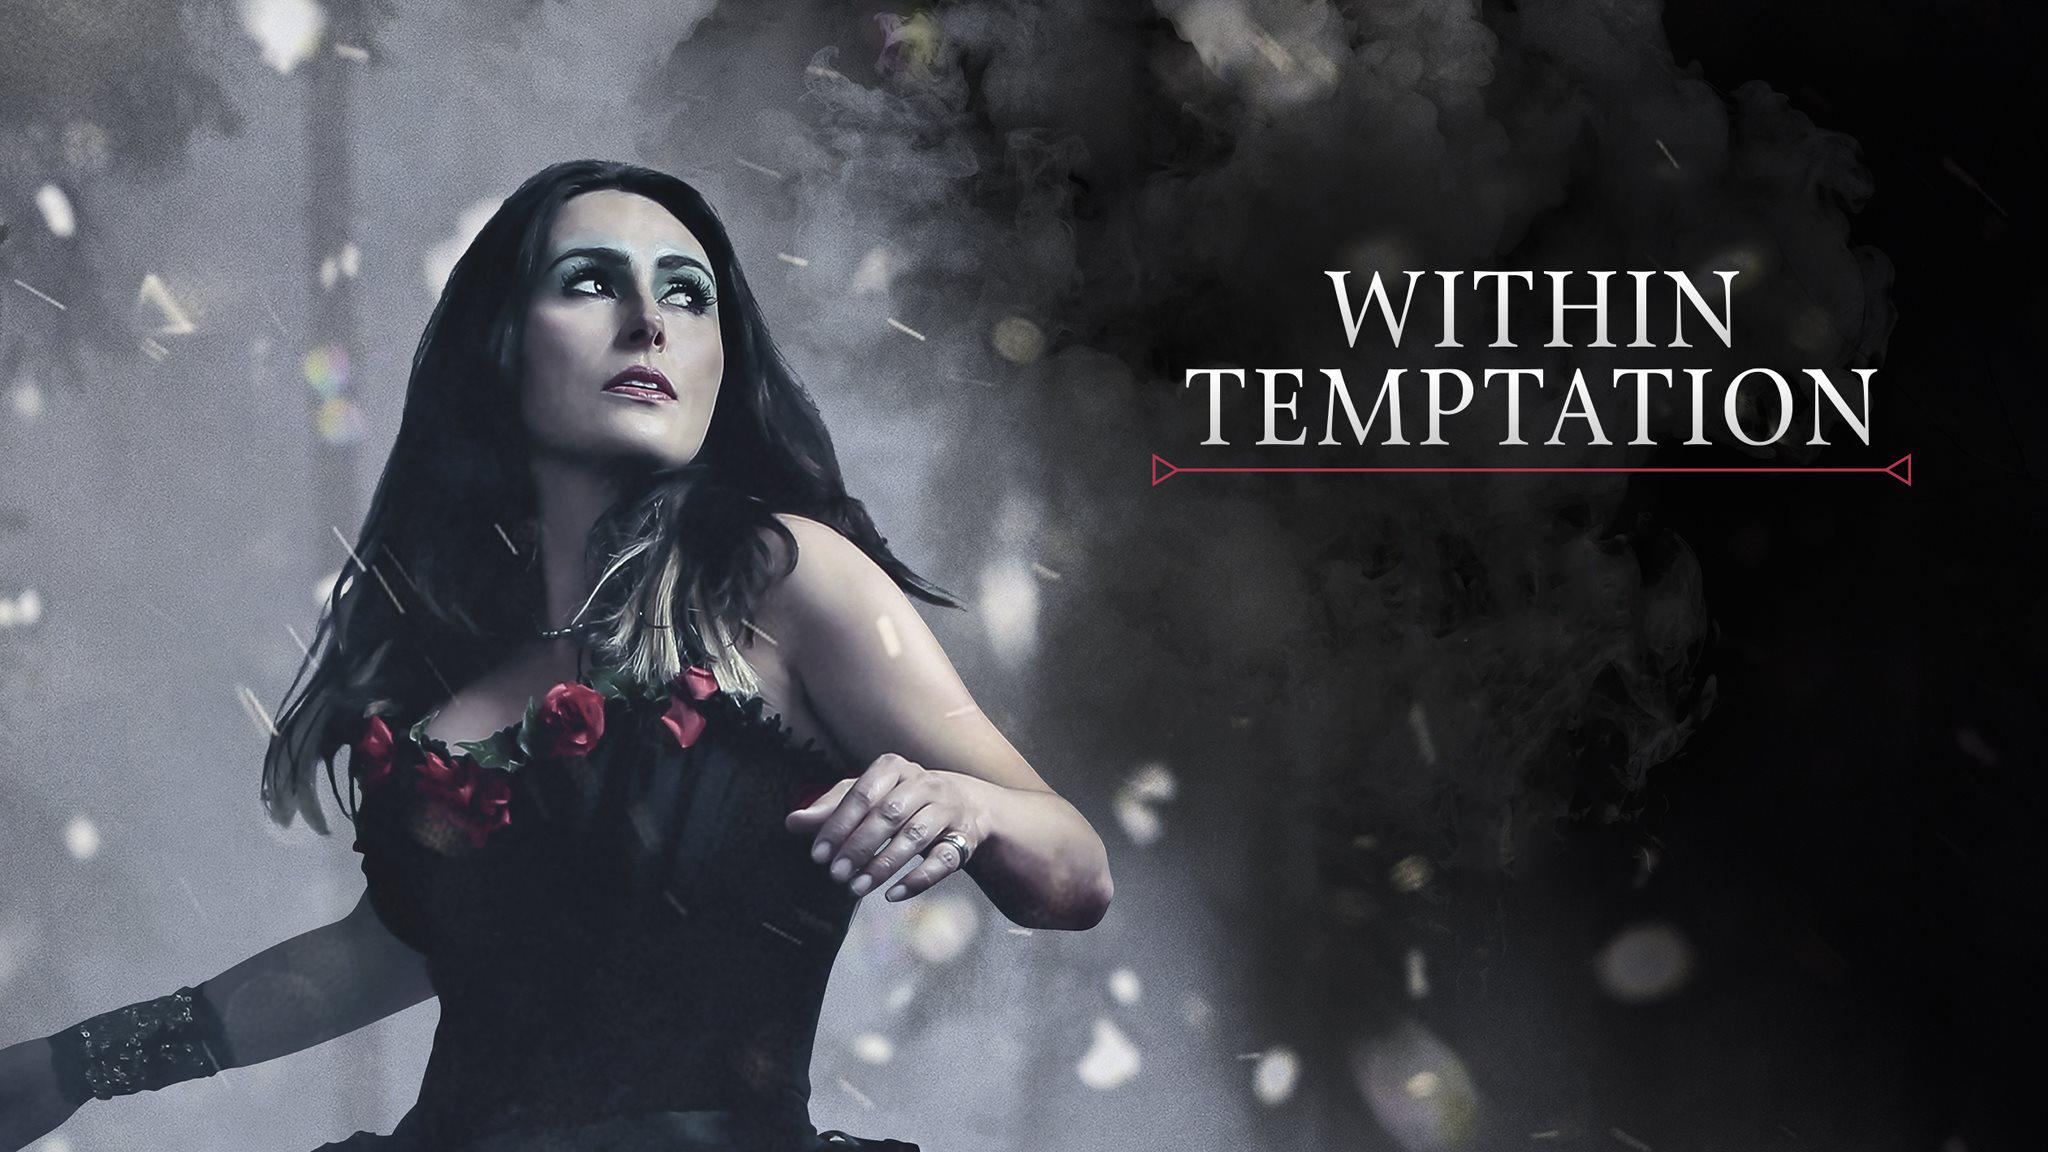 Νέα Συνεργασία | Within Temptation Feat. Jacoby Shaddix – The Reckoning